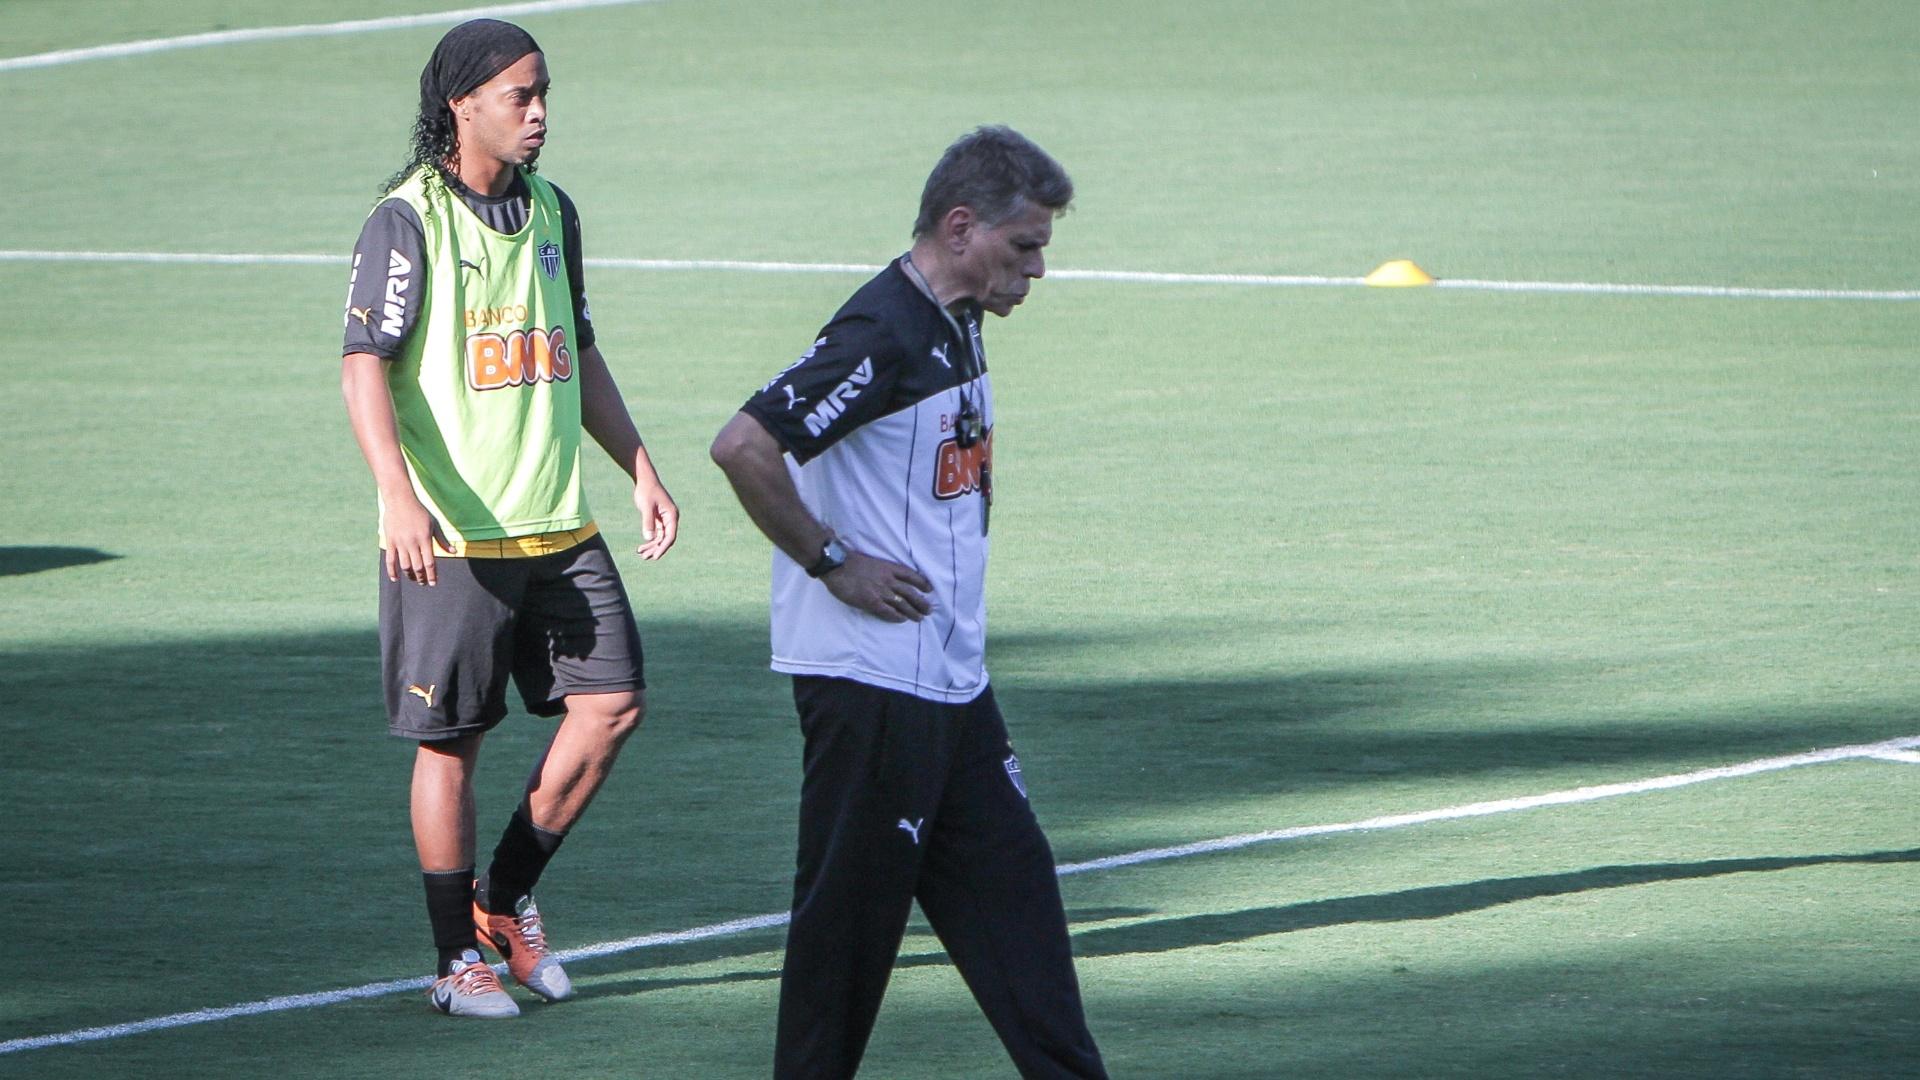 28 mar. 2014 - Ronaldinho Gaúcho e Paulo Autuori durante treino do Atlético-MG na Cidade do Galo